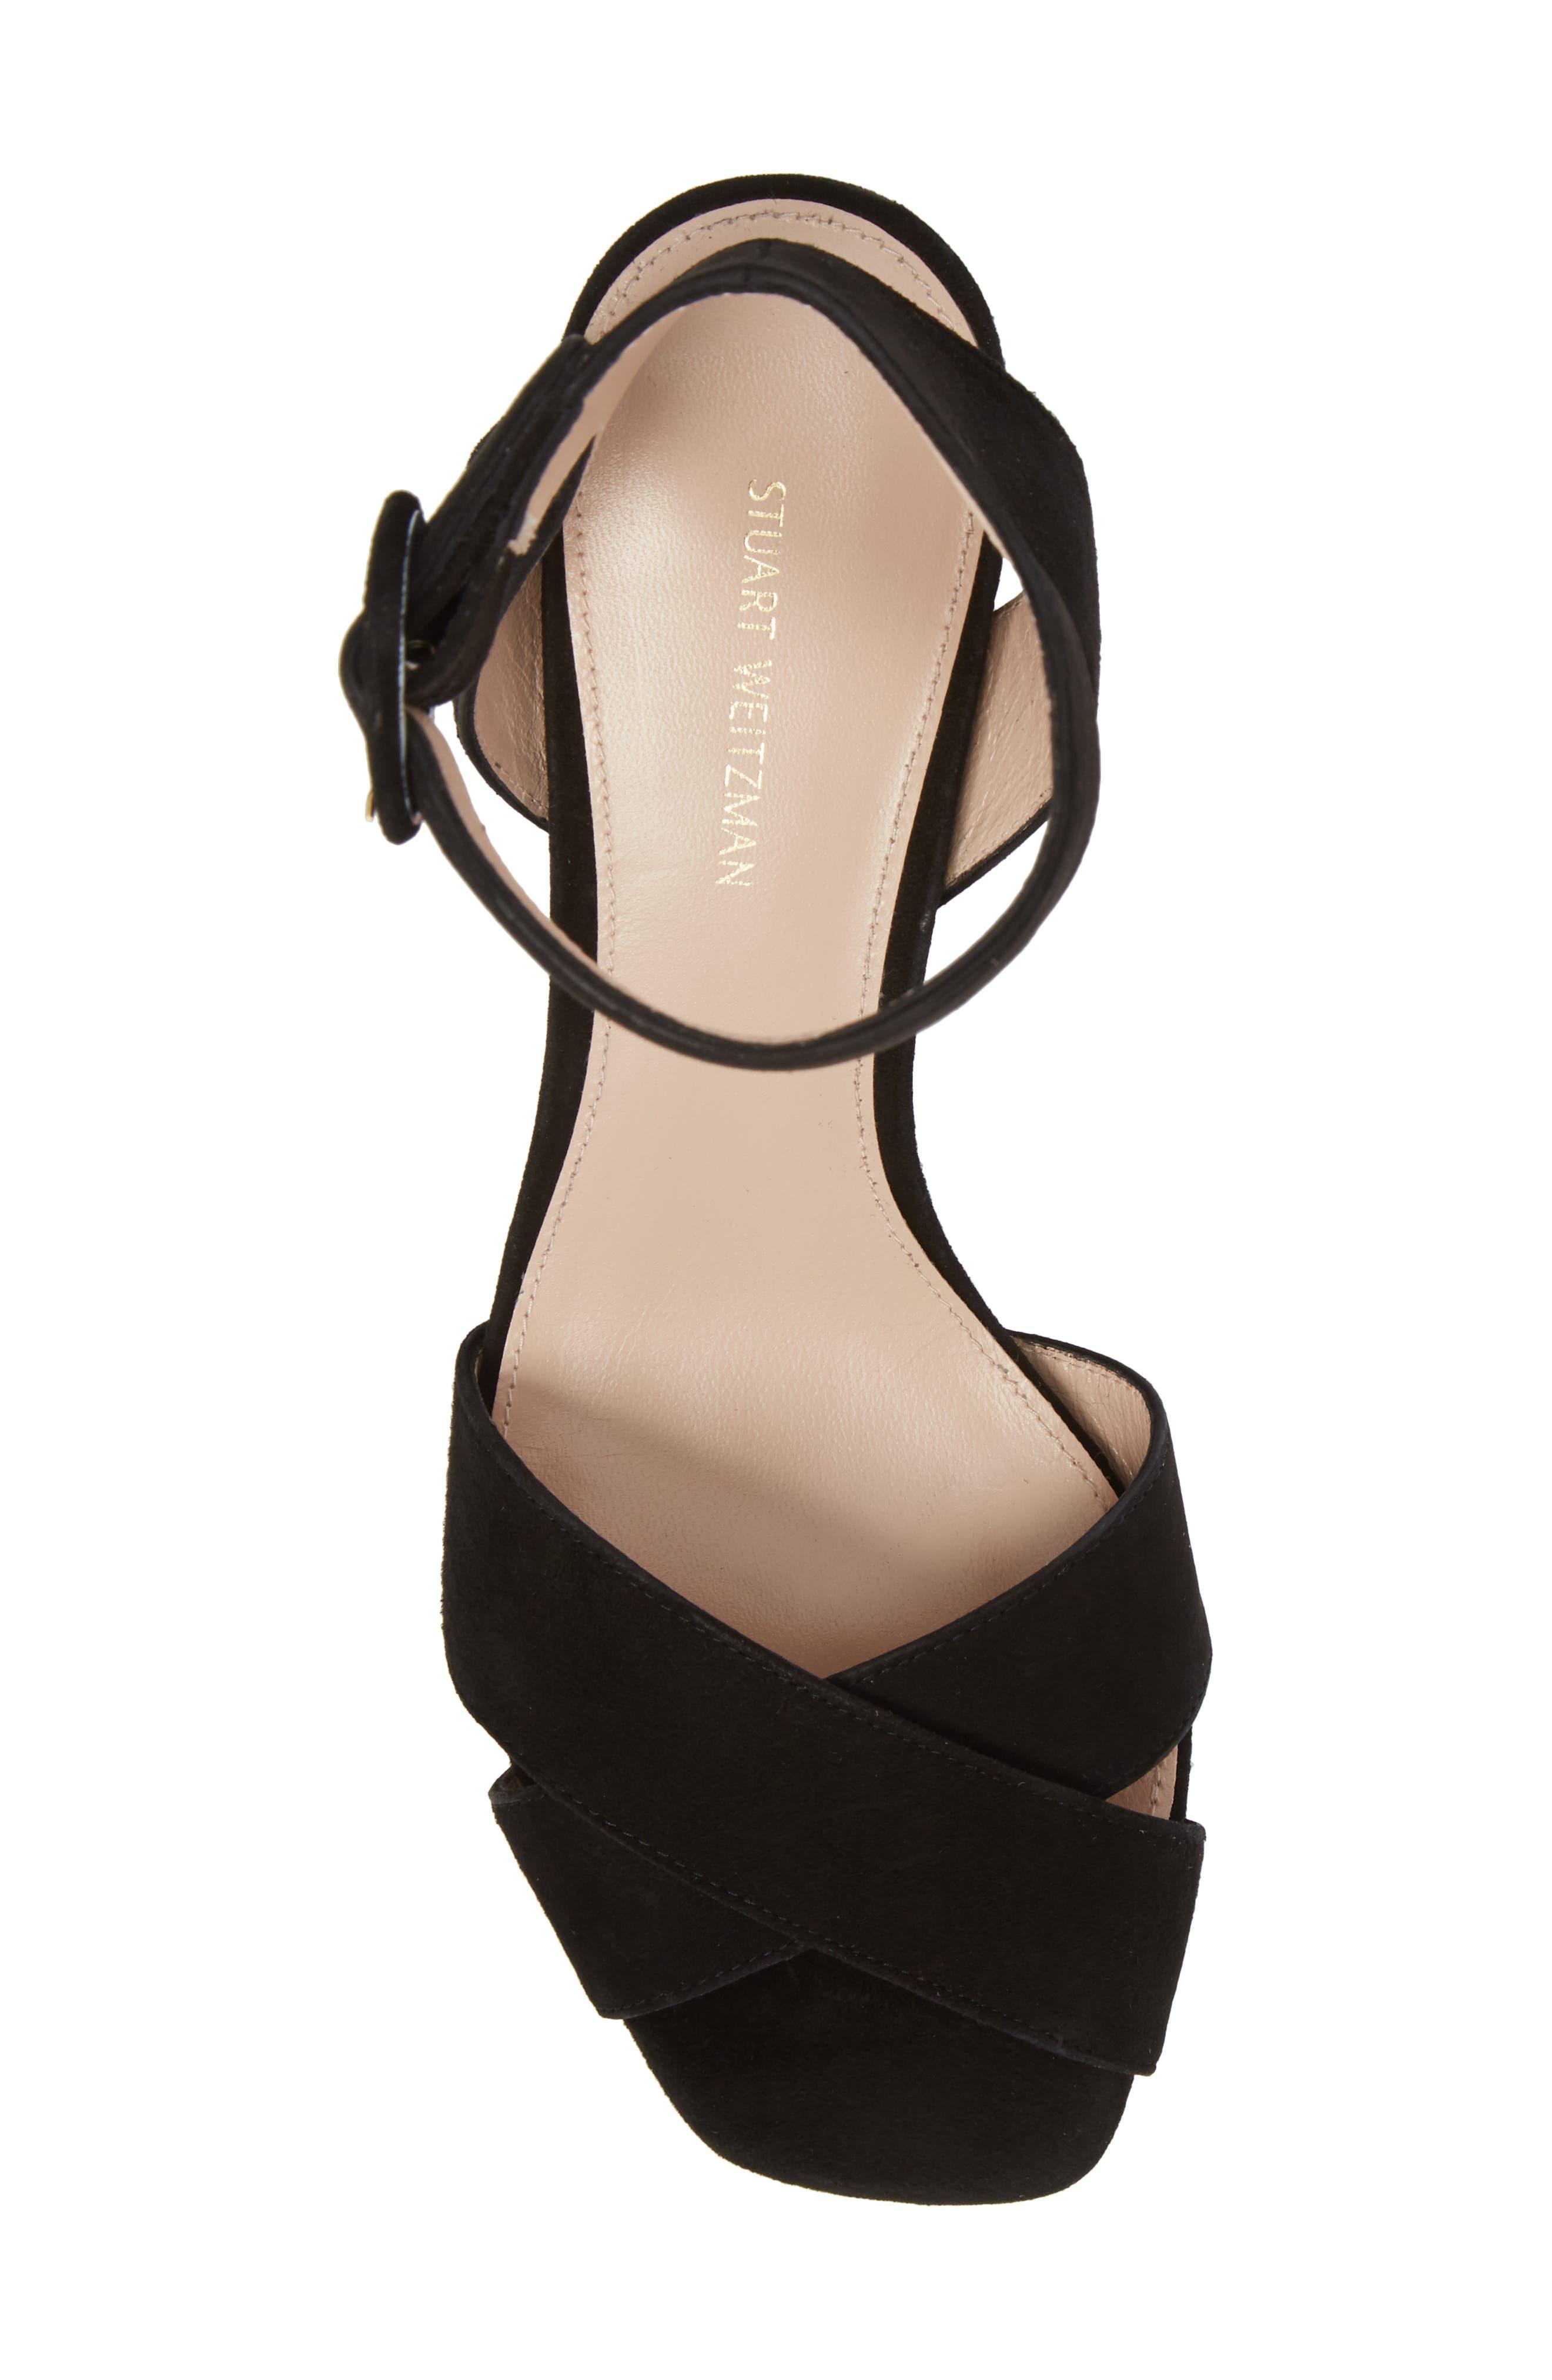 Carmina Ankle Strap Platform Sandal,                             Alternate thumbnail 5, color,                             Black Seda Suede